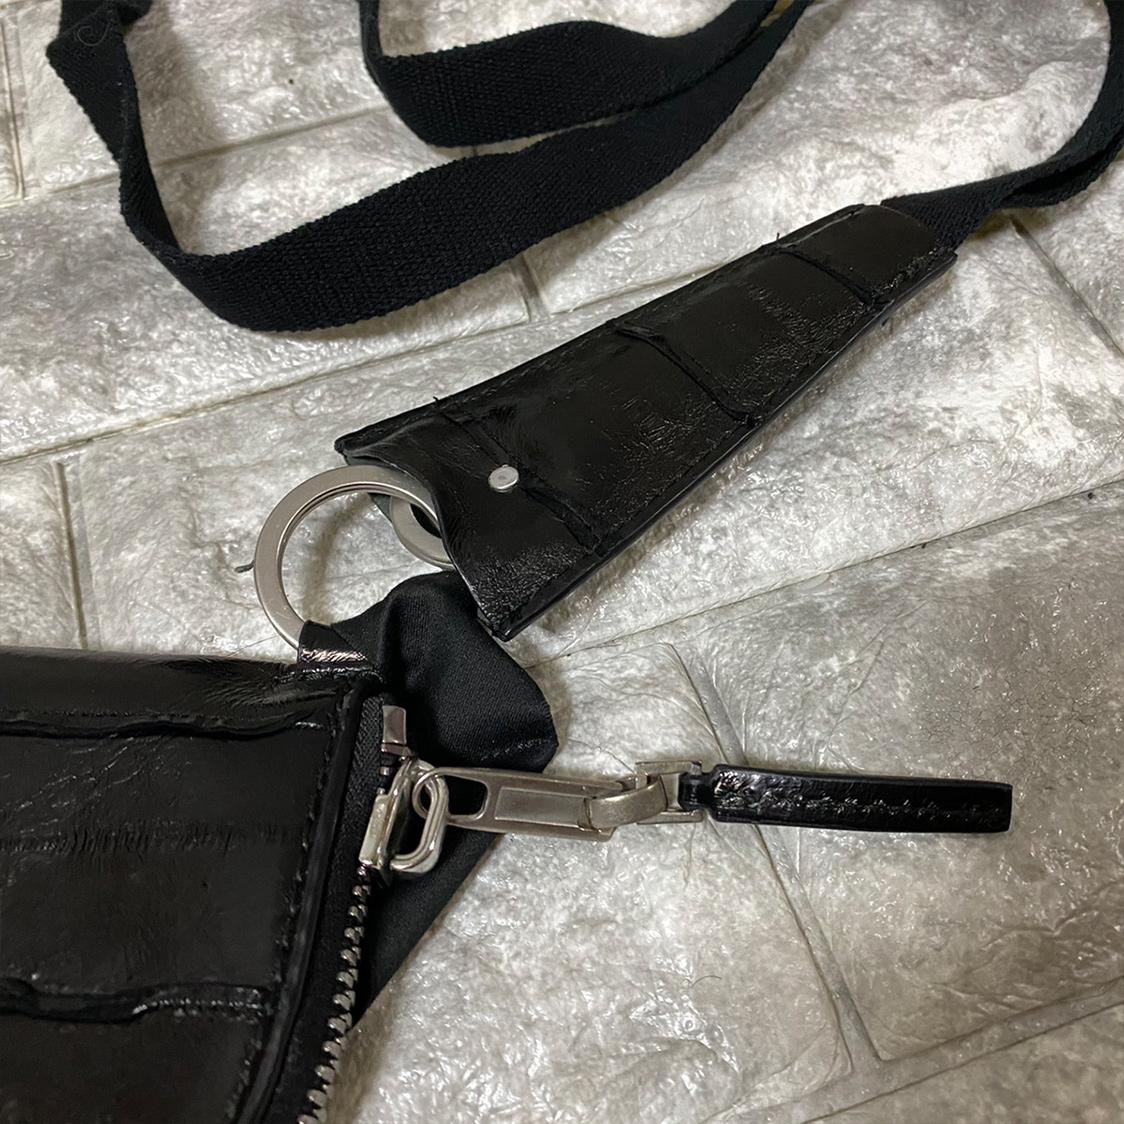 新品 【定価60,500】 Rick Owens リックオウエンス ウナギ革 ネックウォレット 財布 レザー サイフ コインケース レア